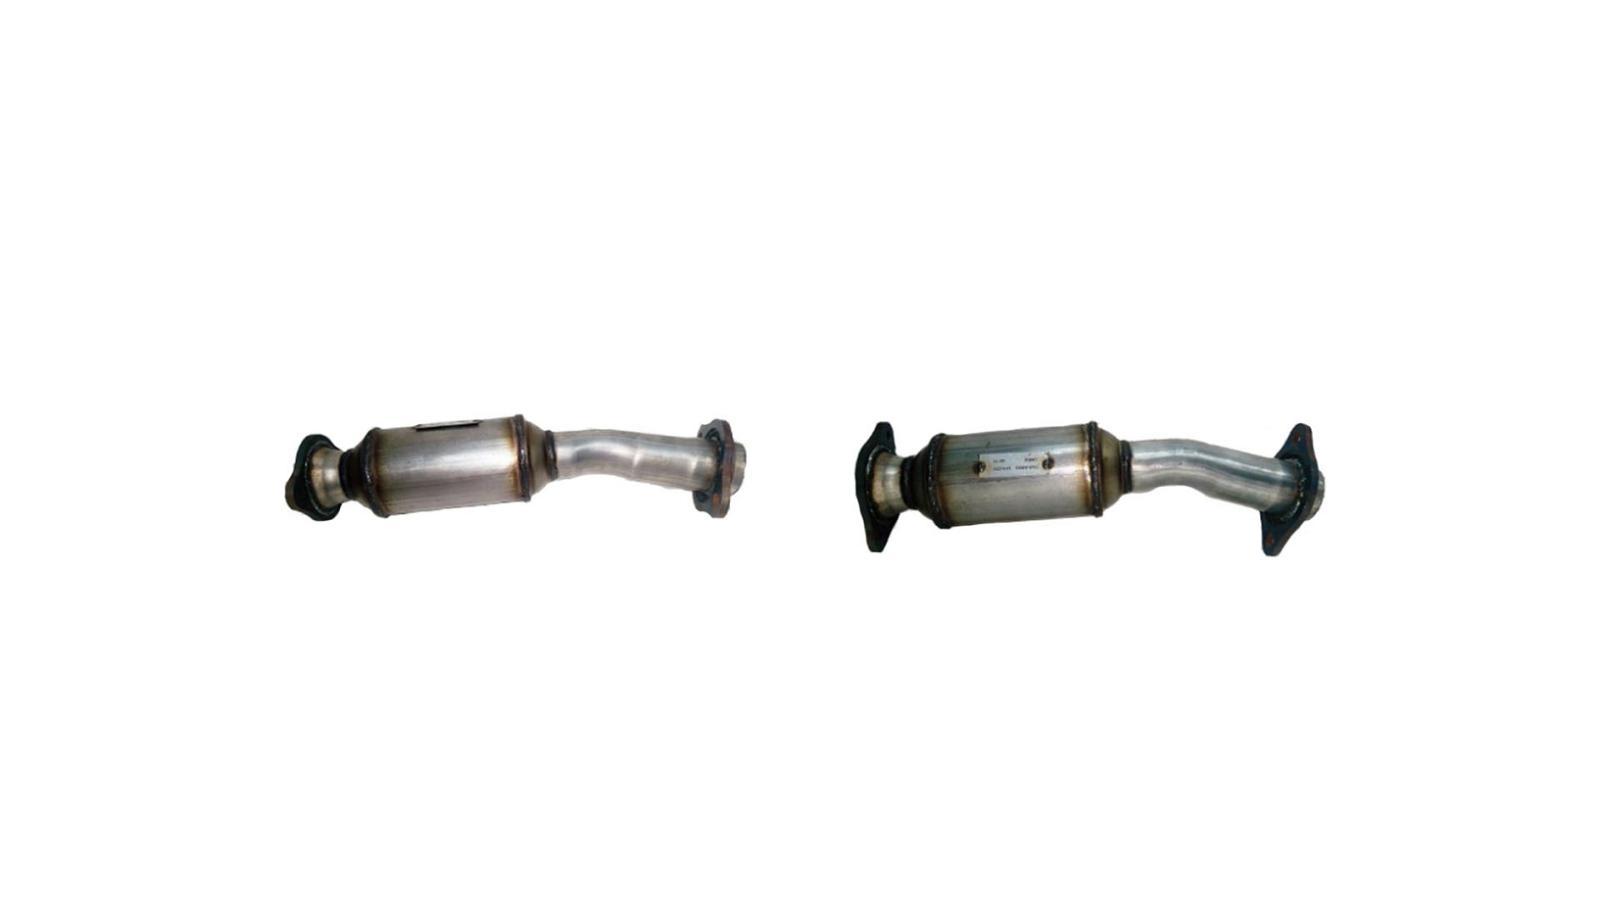 11 Sienna 2 7l Rear Under Van Catalytic Converter